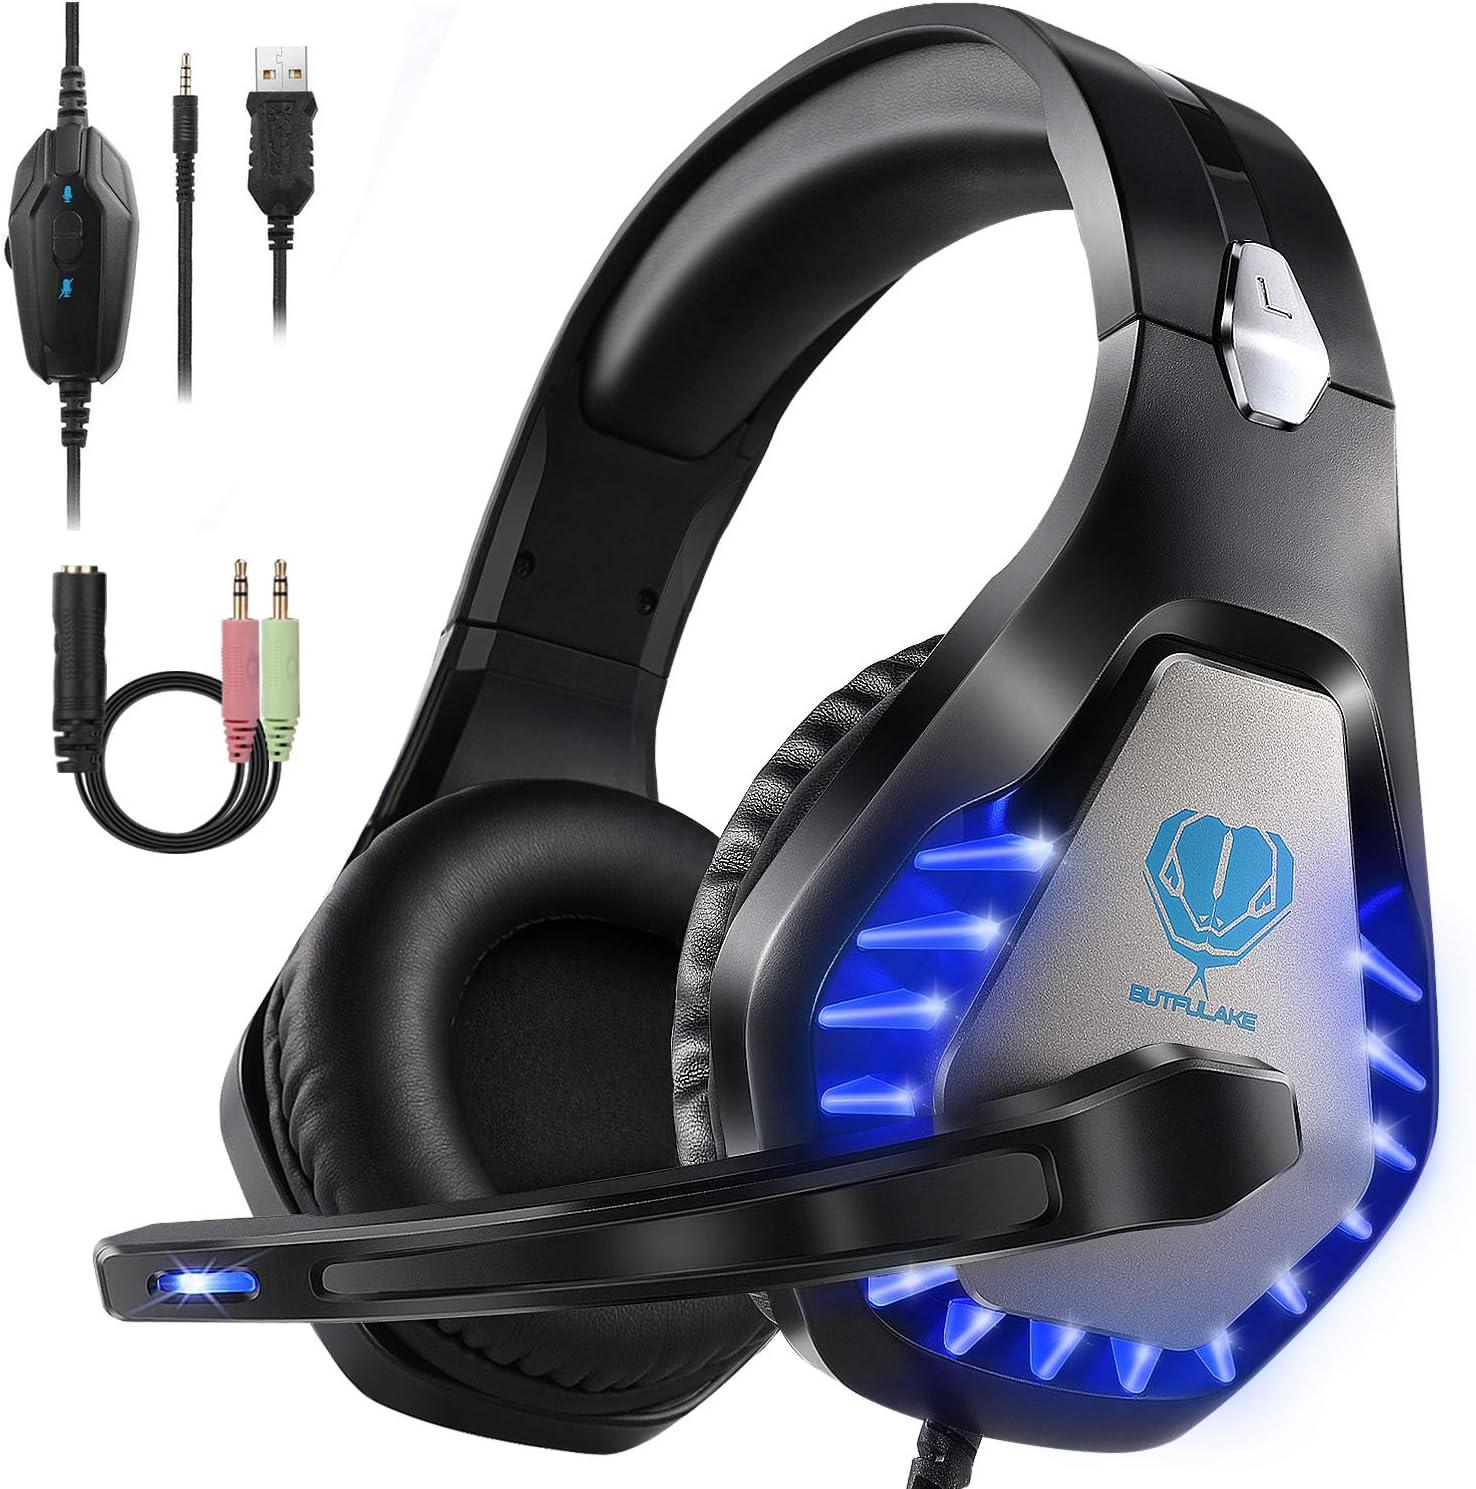 HeysTop Auriculares Gaming para PS4 PC, 3.5mm Cascos Ruido Reducción de Diademas Cerrados Profesional con Micrófono Limpio Sonido